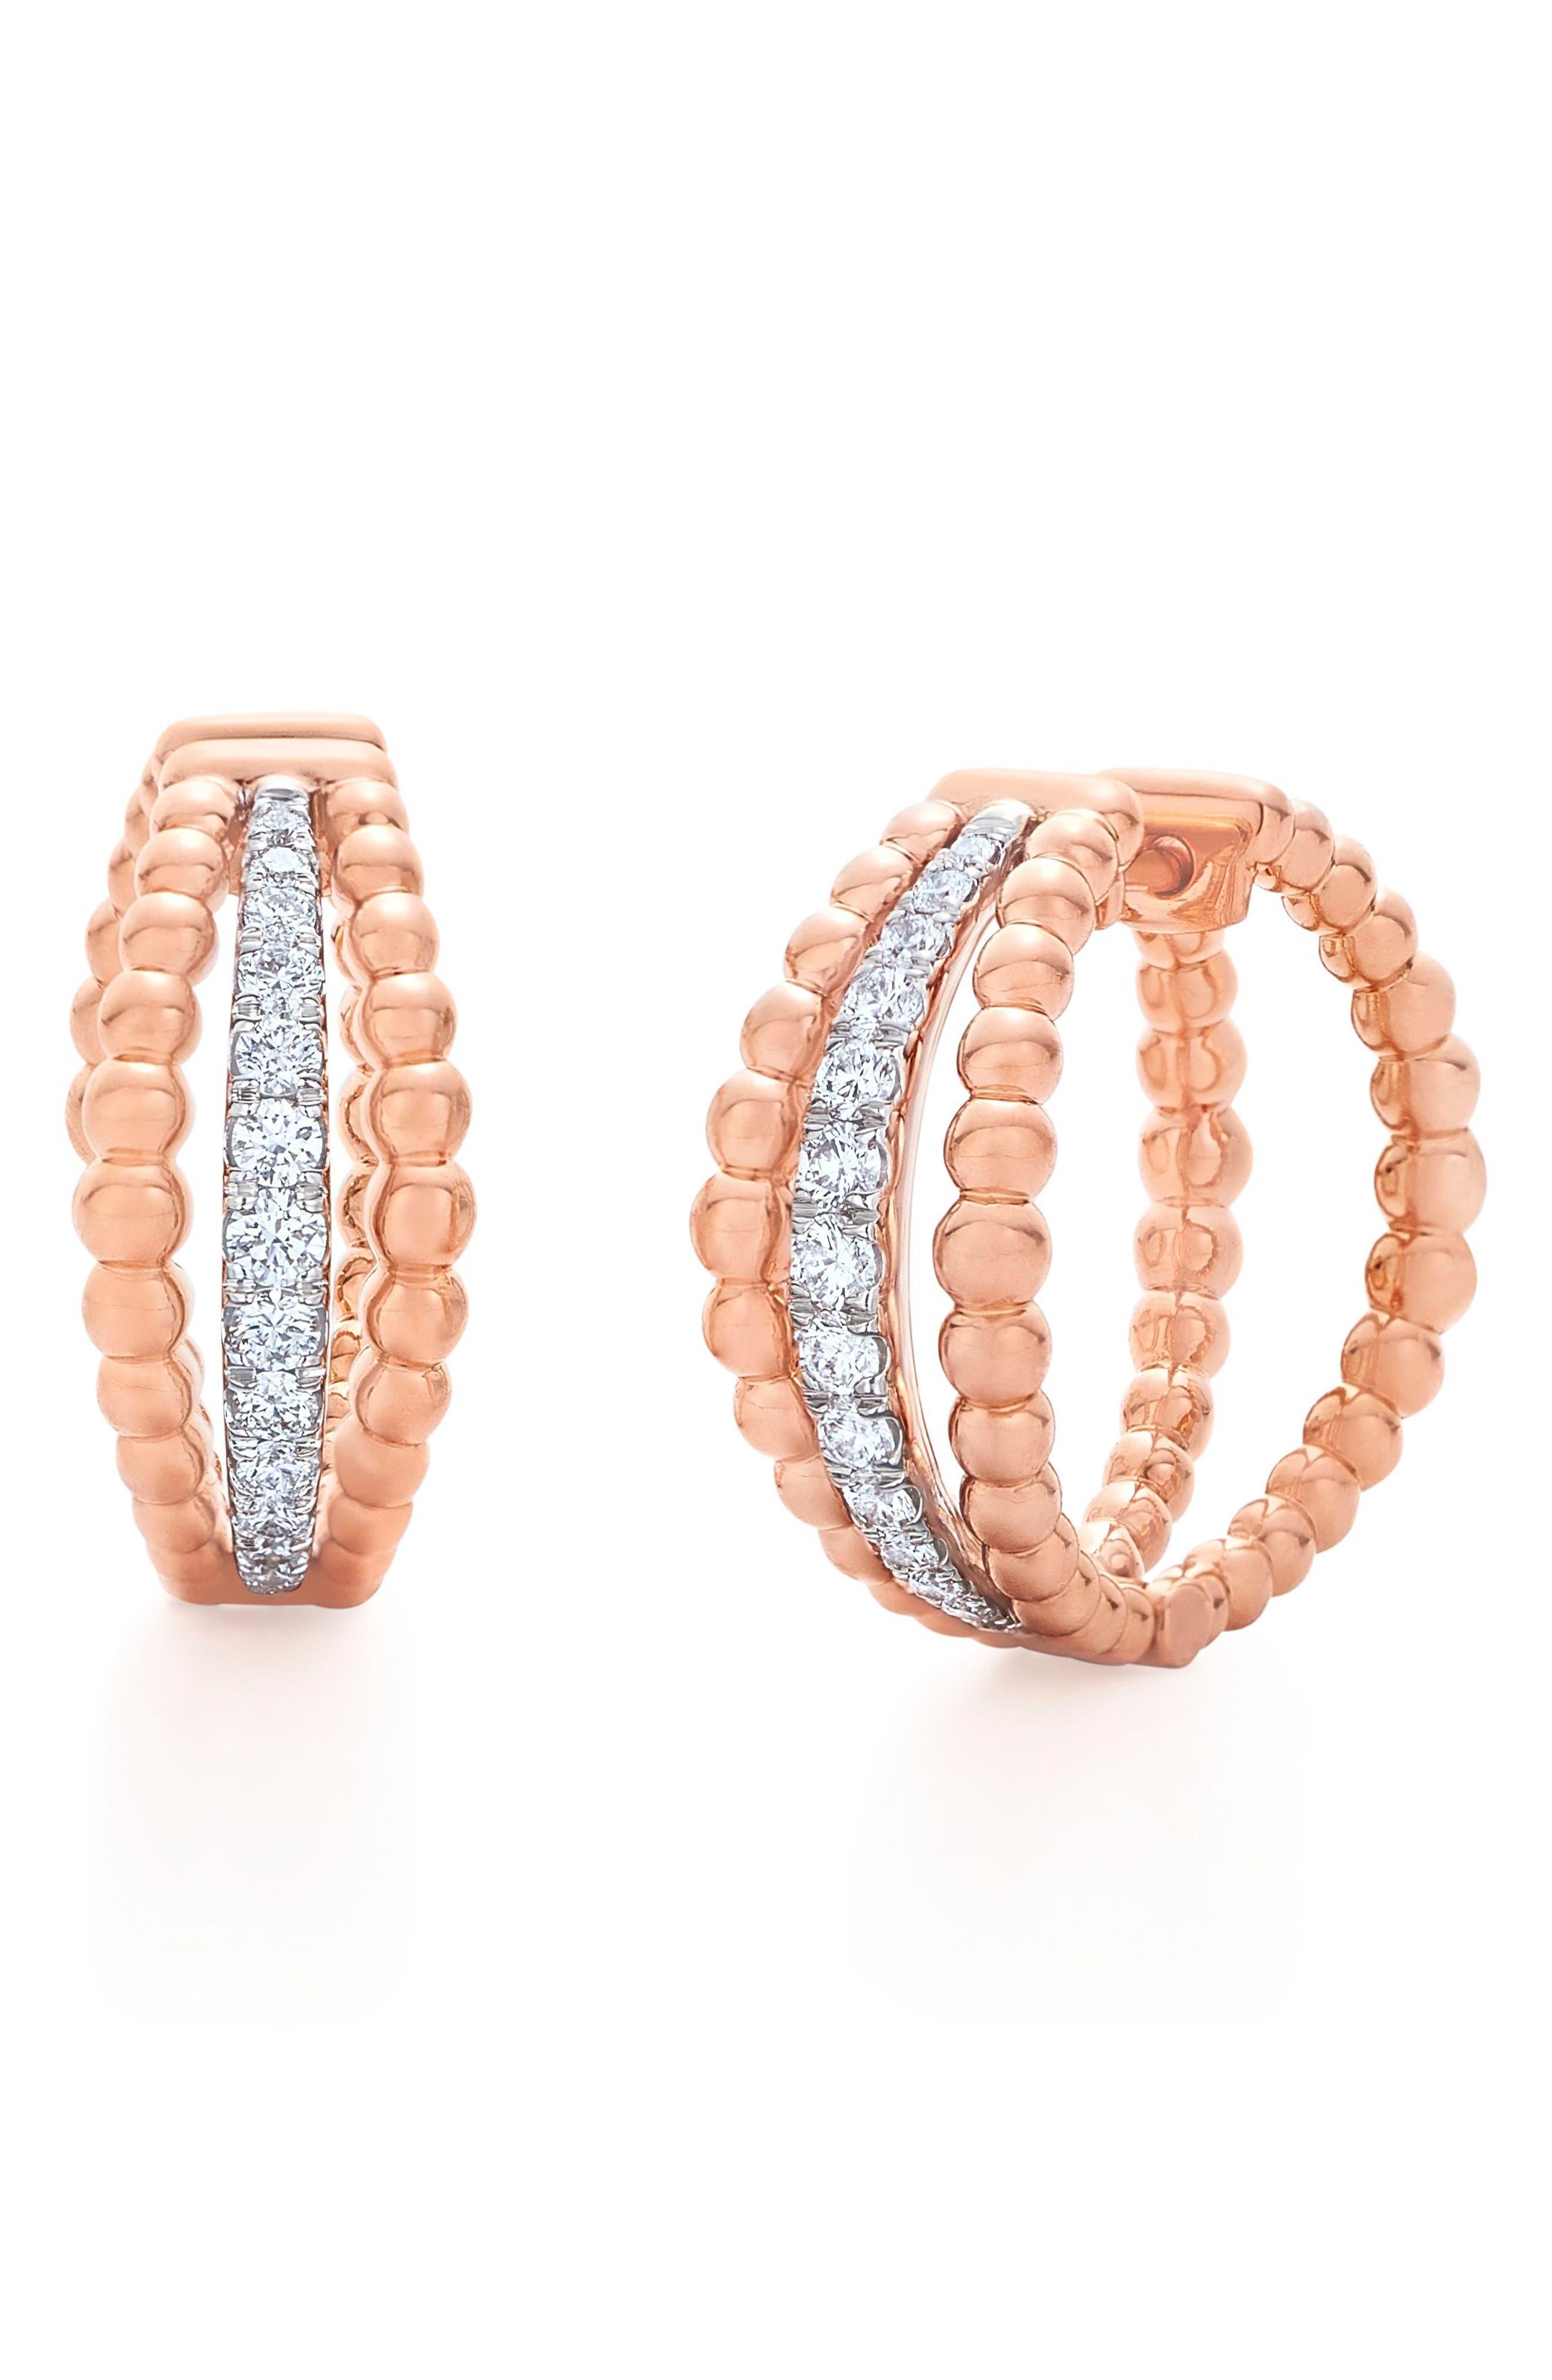 Alternate Image 1 Selected - Kwiat Beaded Multirow Diamond Hoop Earrings